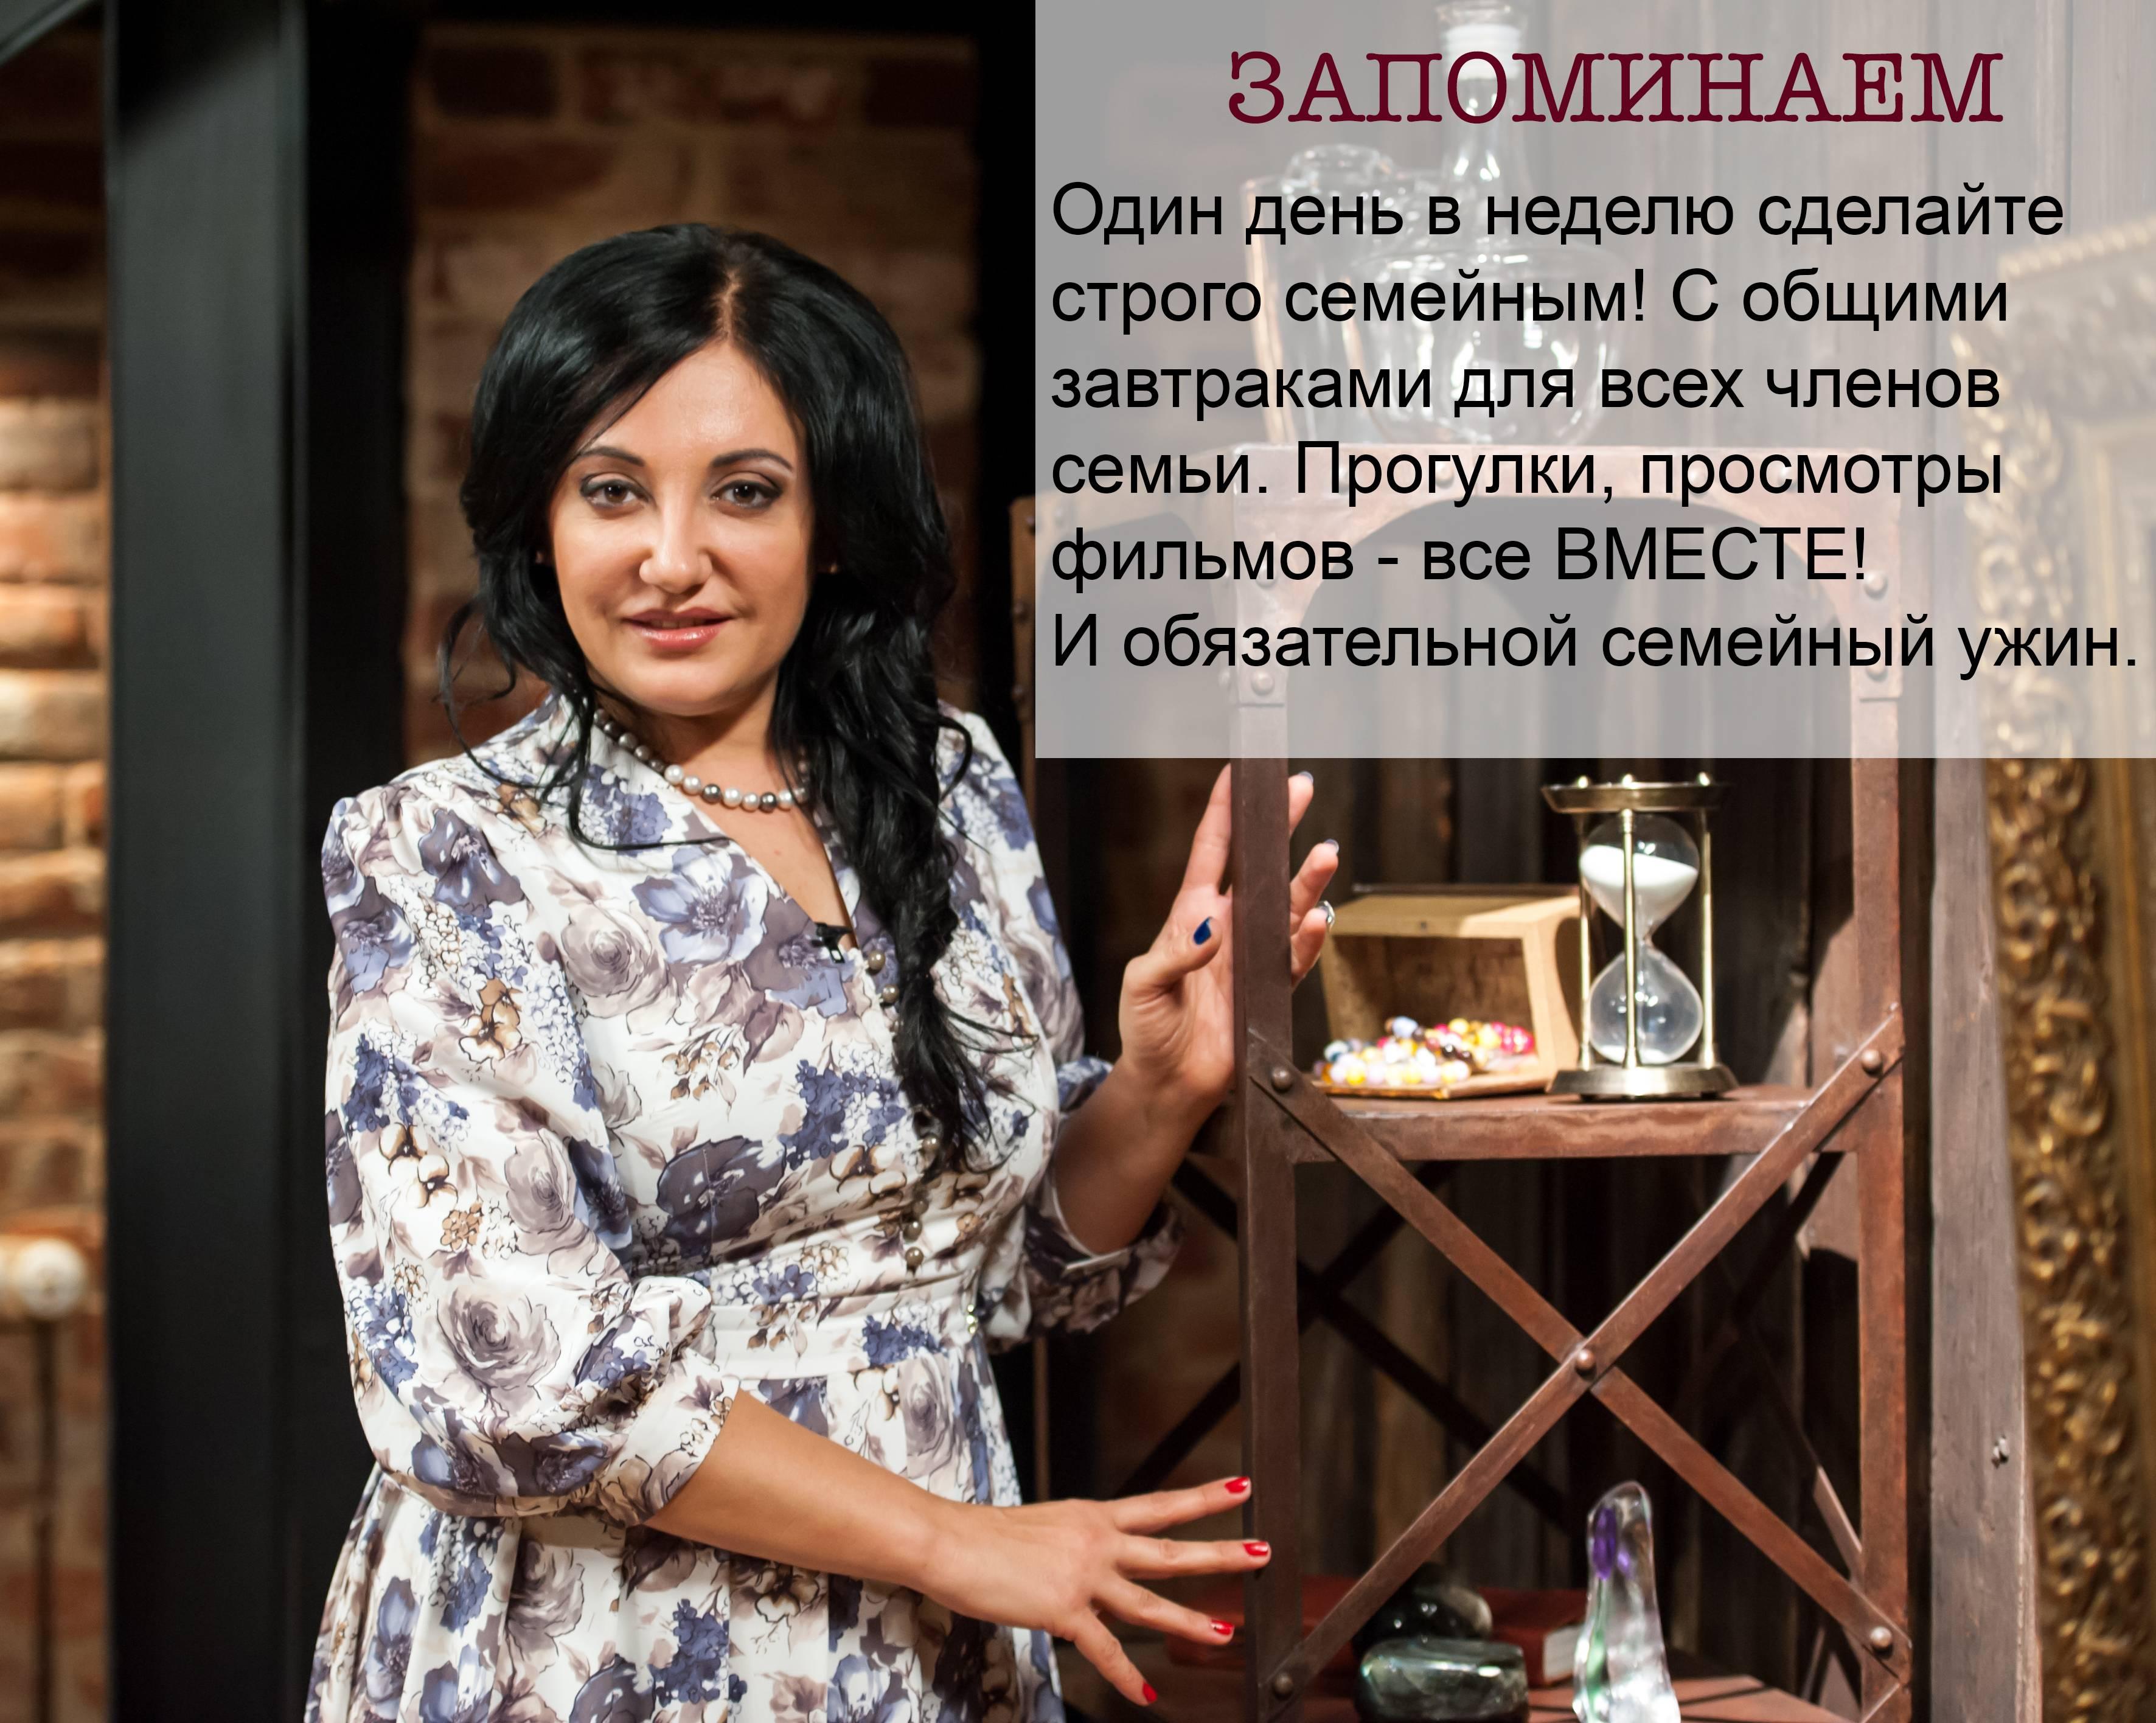 Обзор отзывов о финалисте «битвы экстрасенсов» фатиме хадуевой